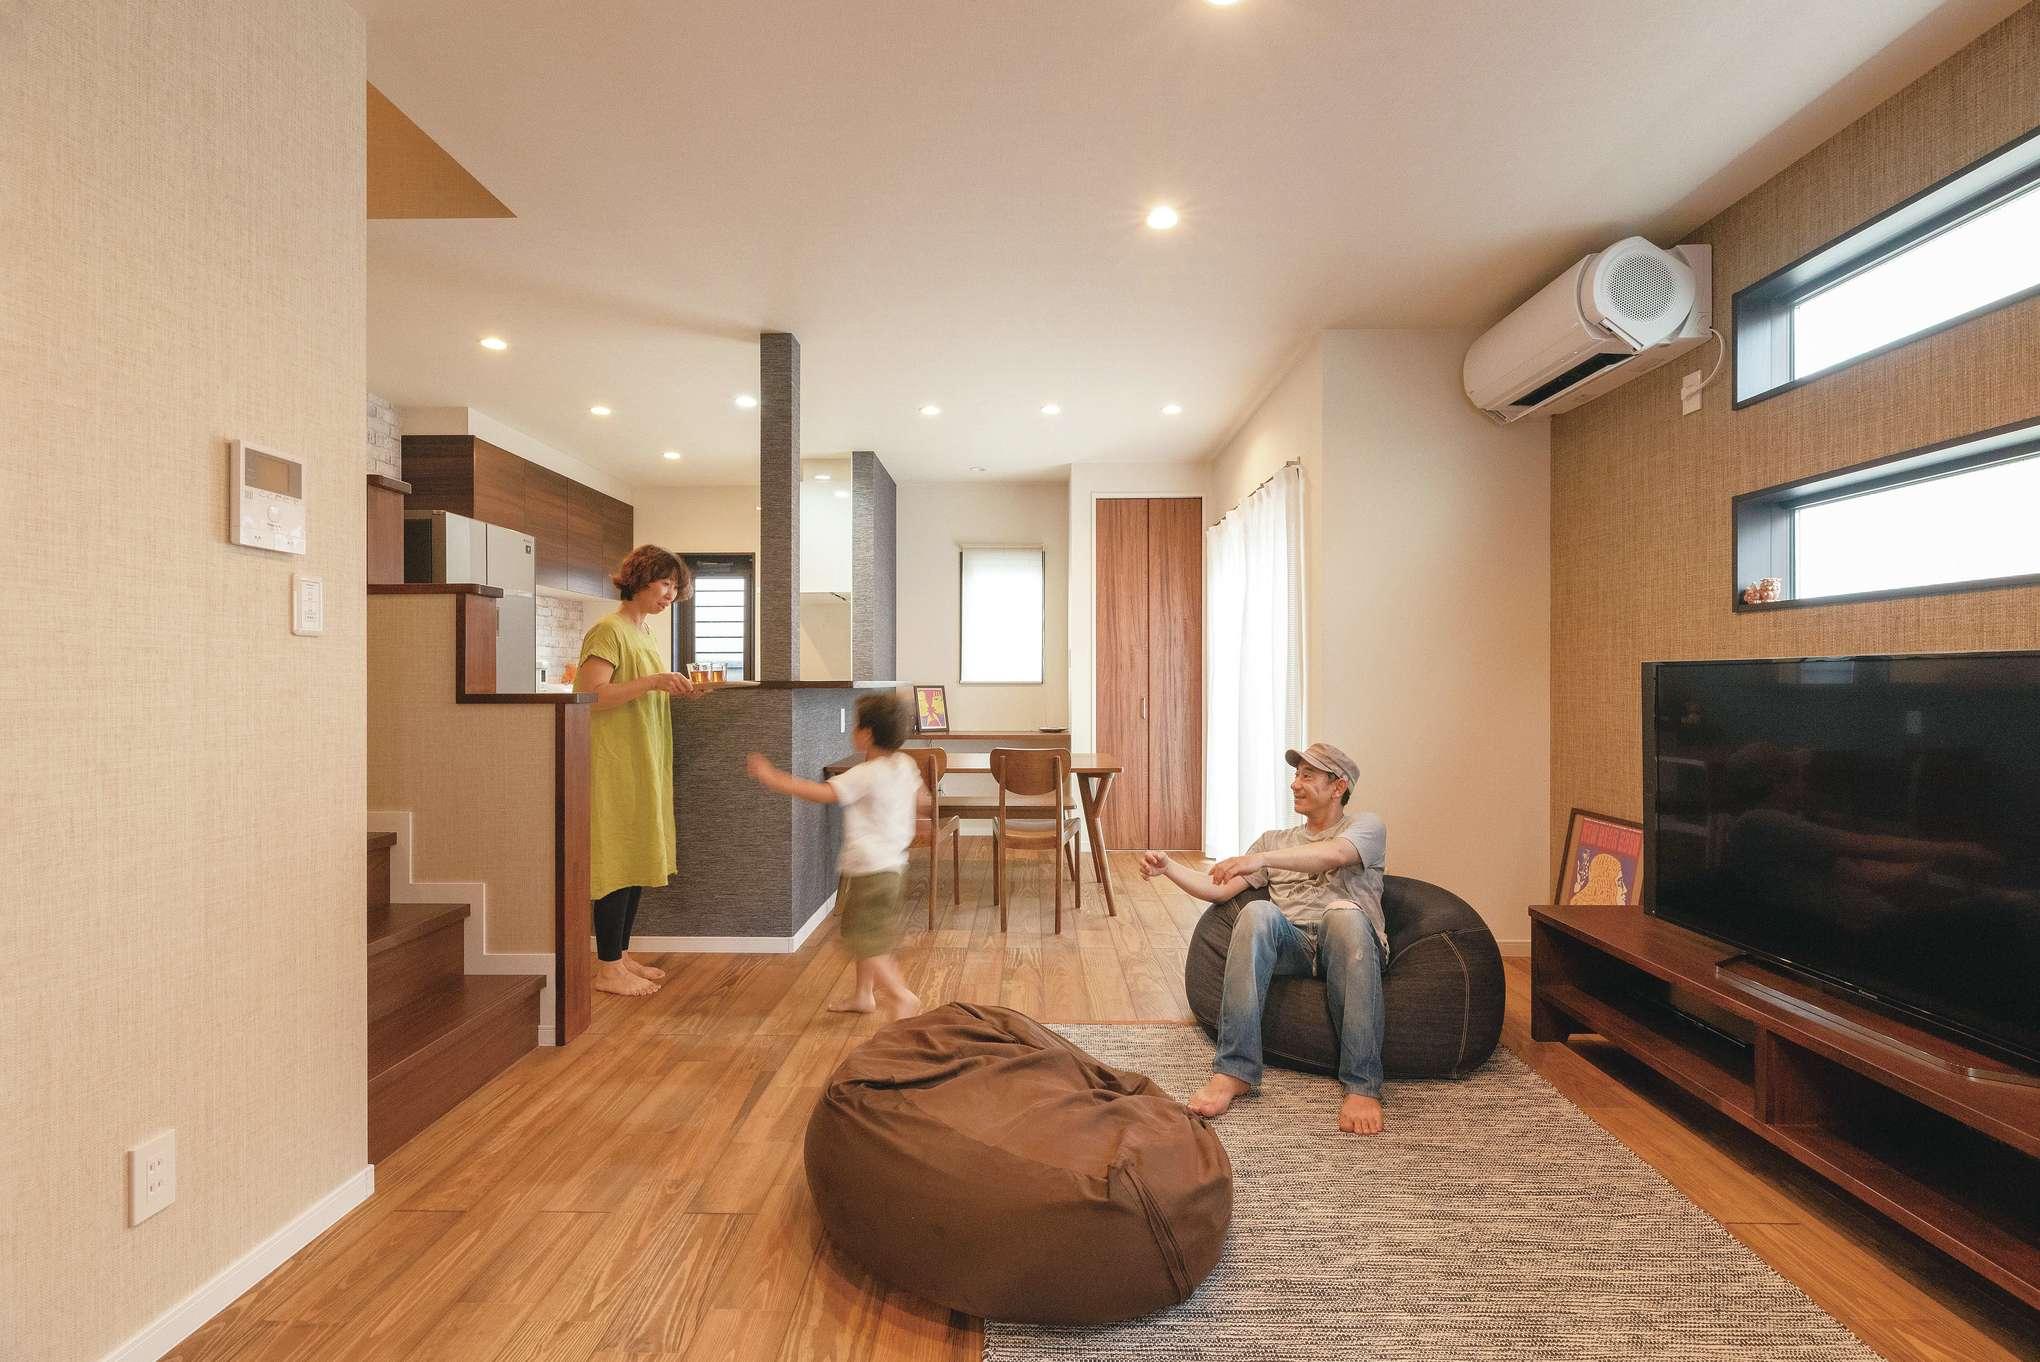 杉の無垢材を使用した床は、肌ざわりが心地よい。I邸を彩る壁紙のほとんどは、奥さまの勤務先が製造販売している紙布。自然素材らしい、やわらかな風合いと独特の質感が、空間をやさしい雰囲気で包んでいる